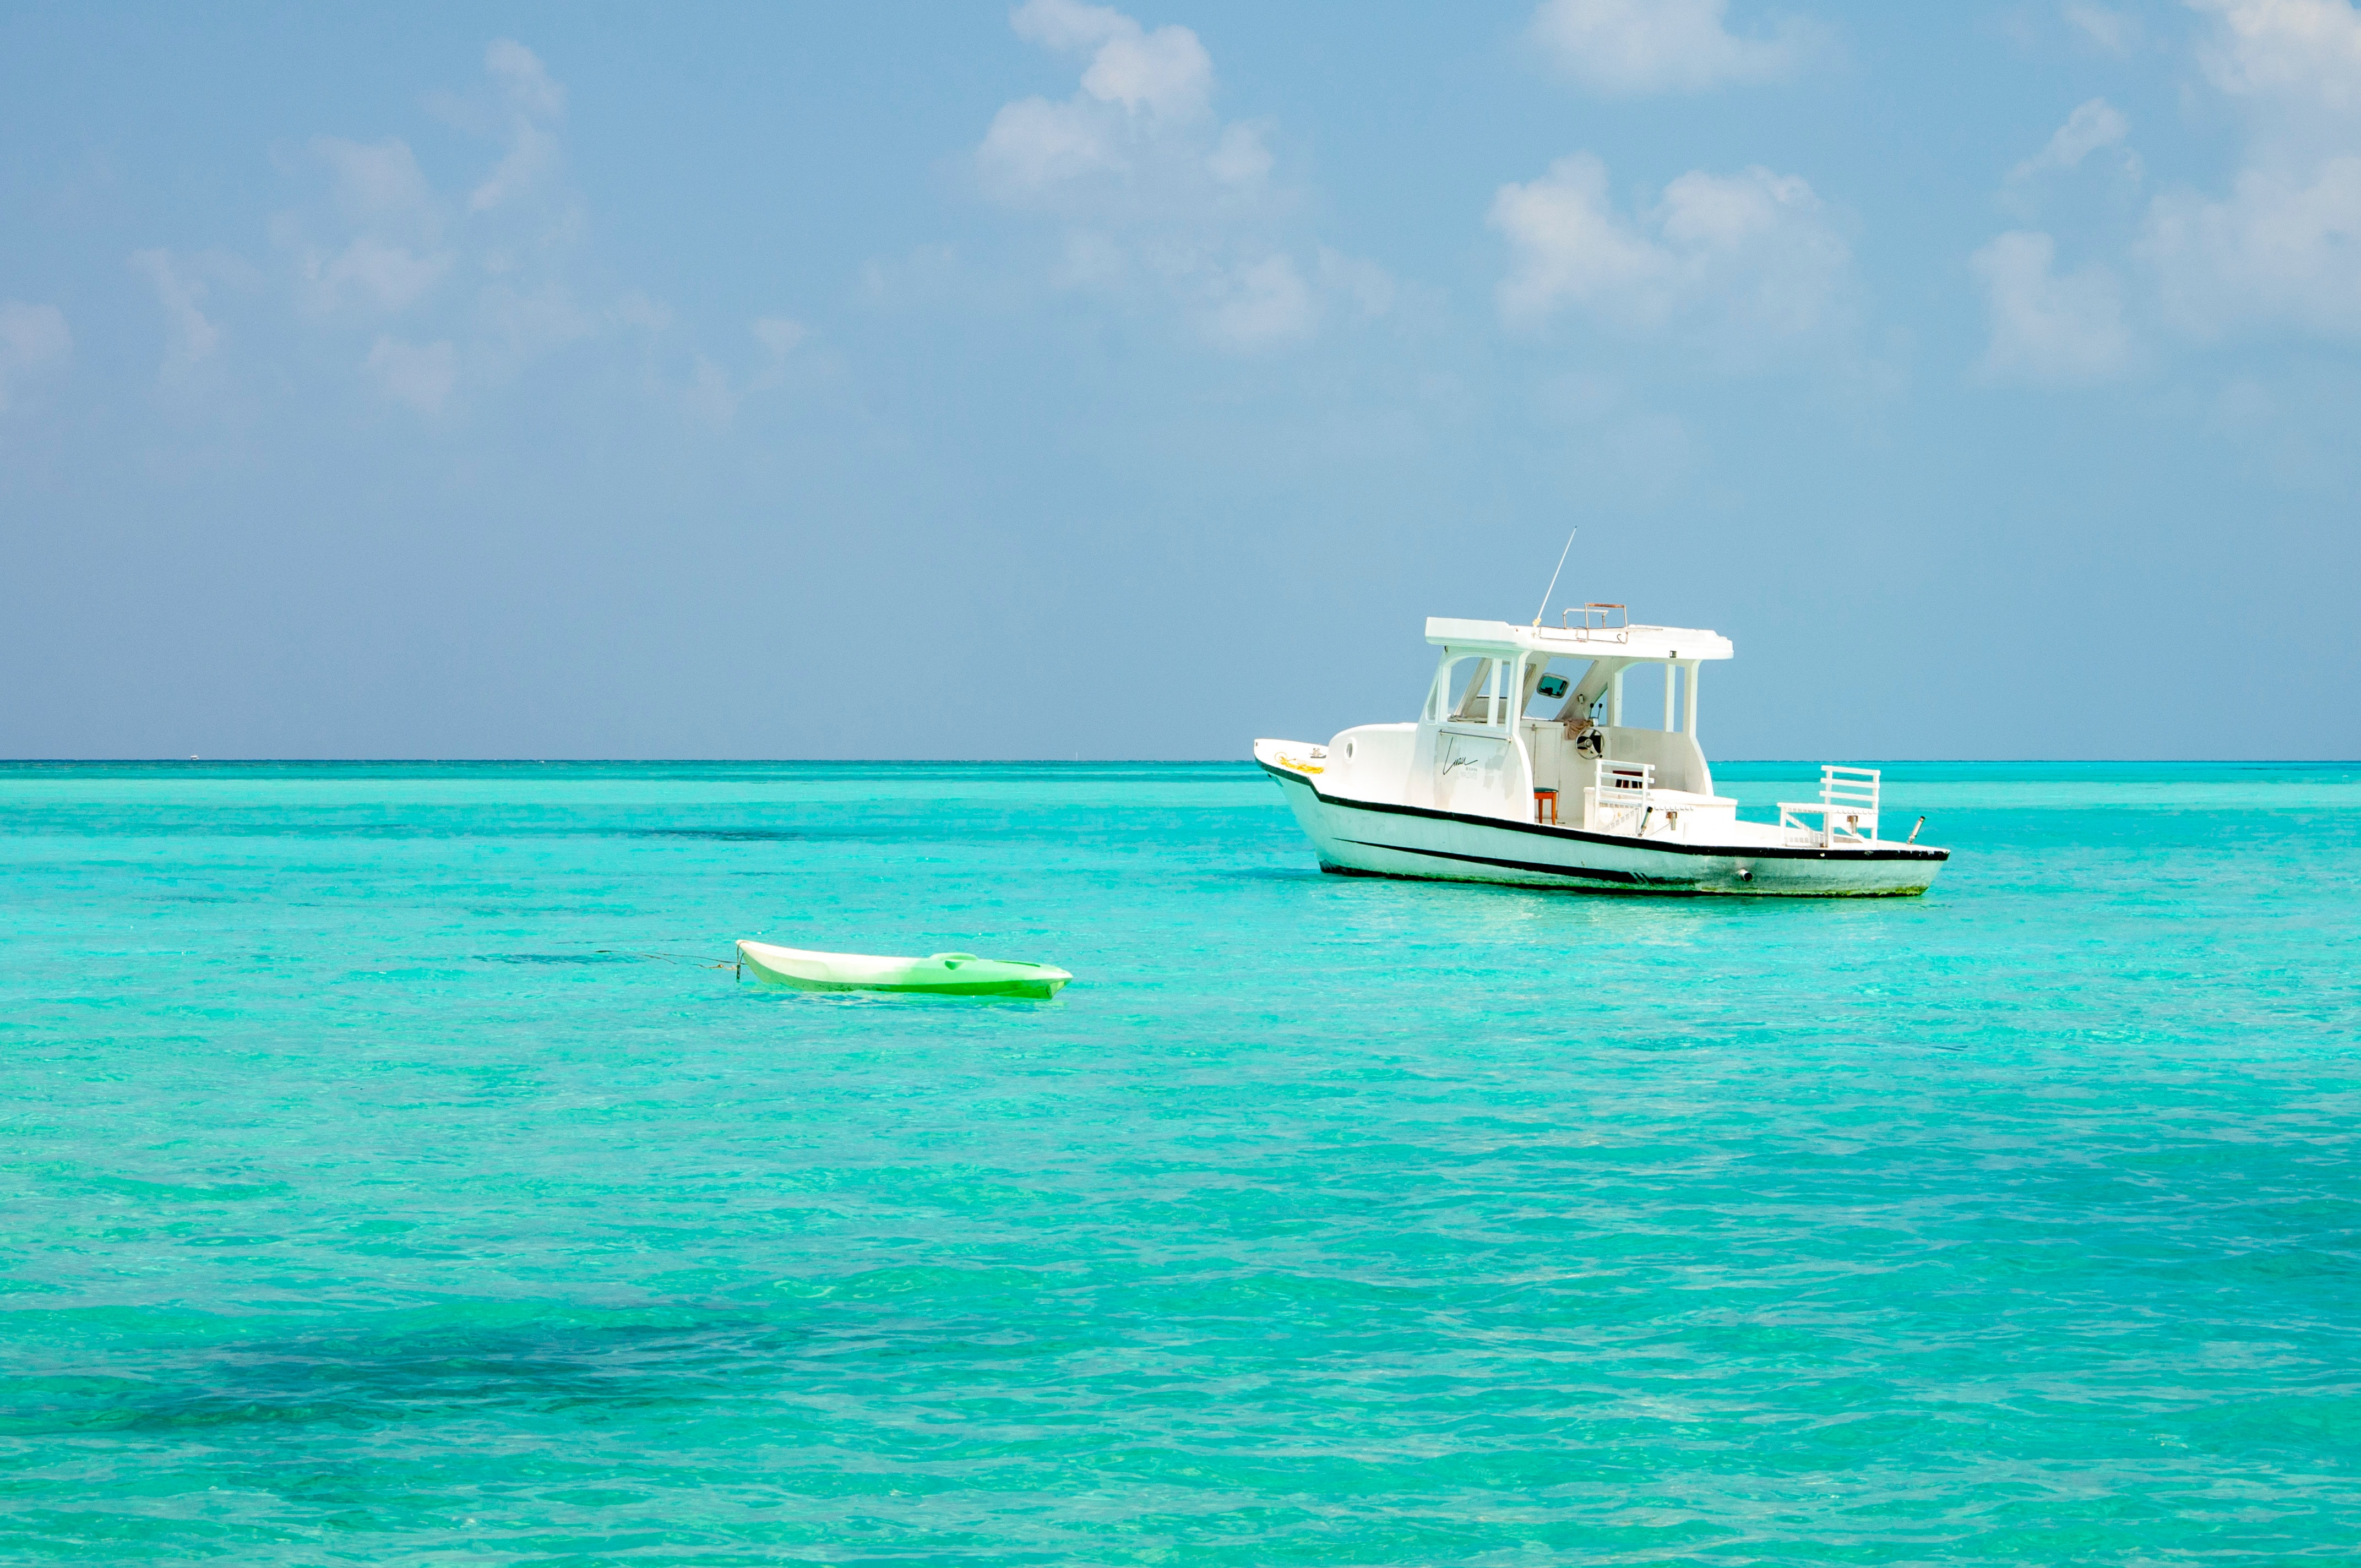 Speedboat to reach the Maldives